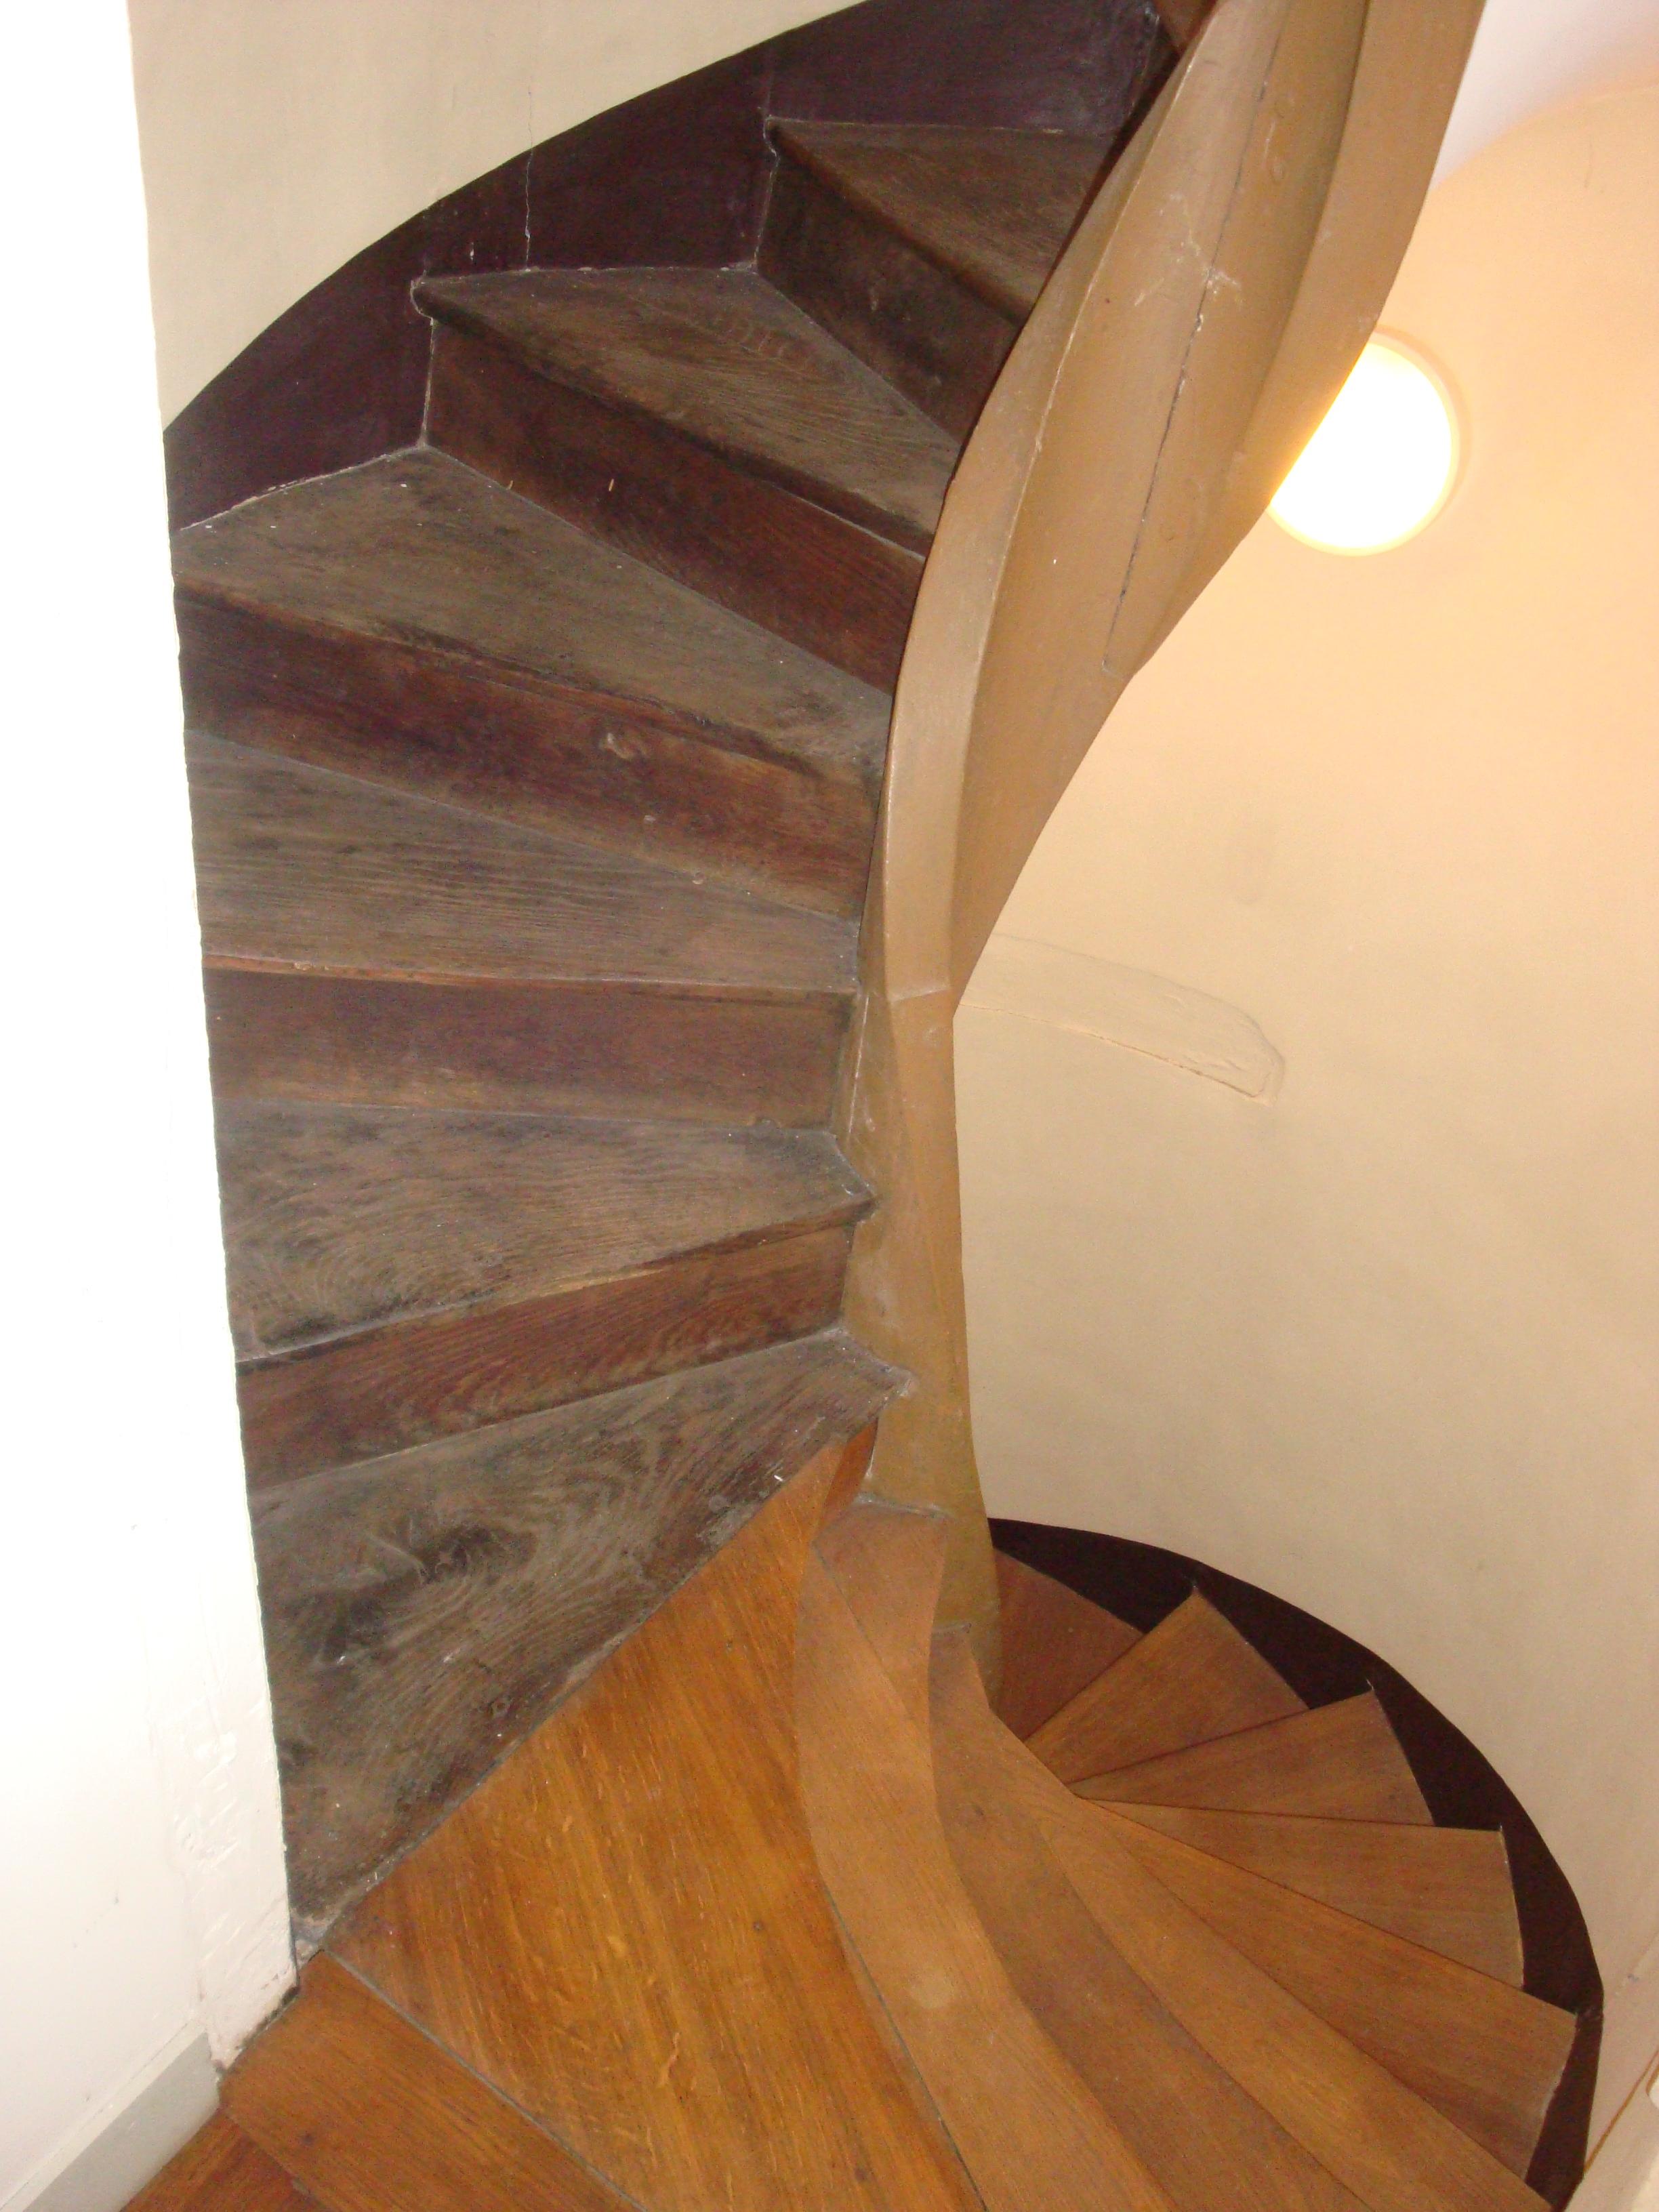 Escalier Dans La Maison file:escalier de service, maison de l'armateur 04